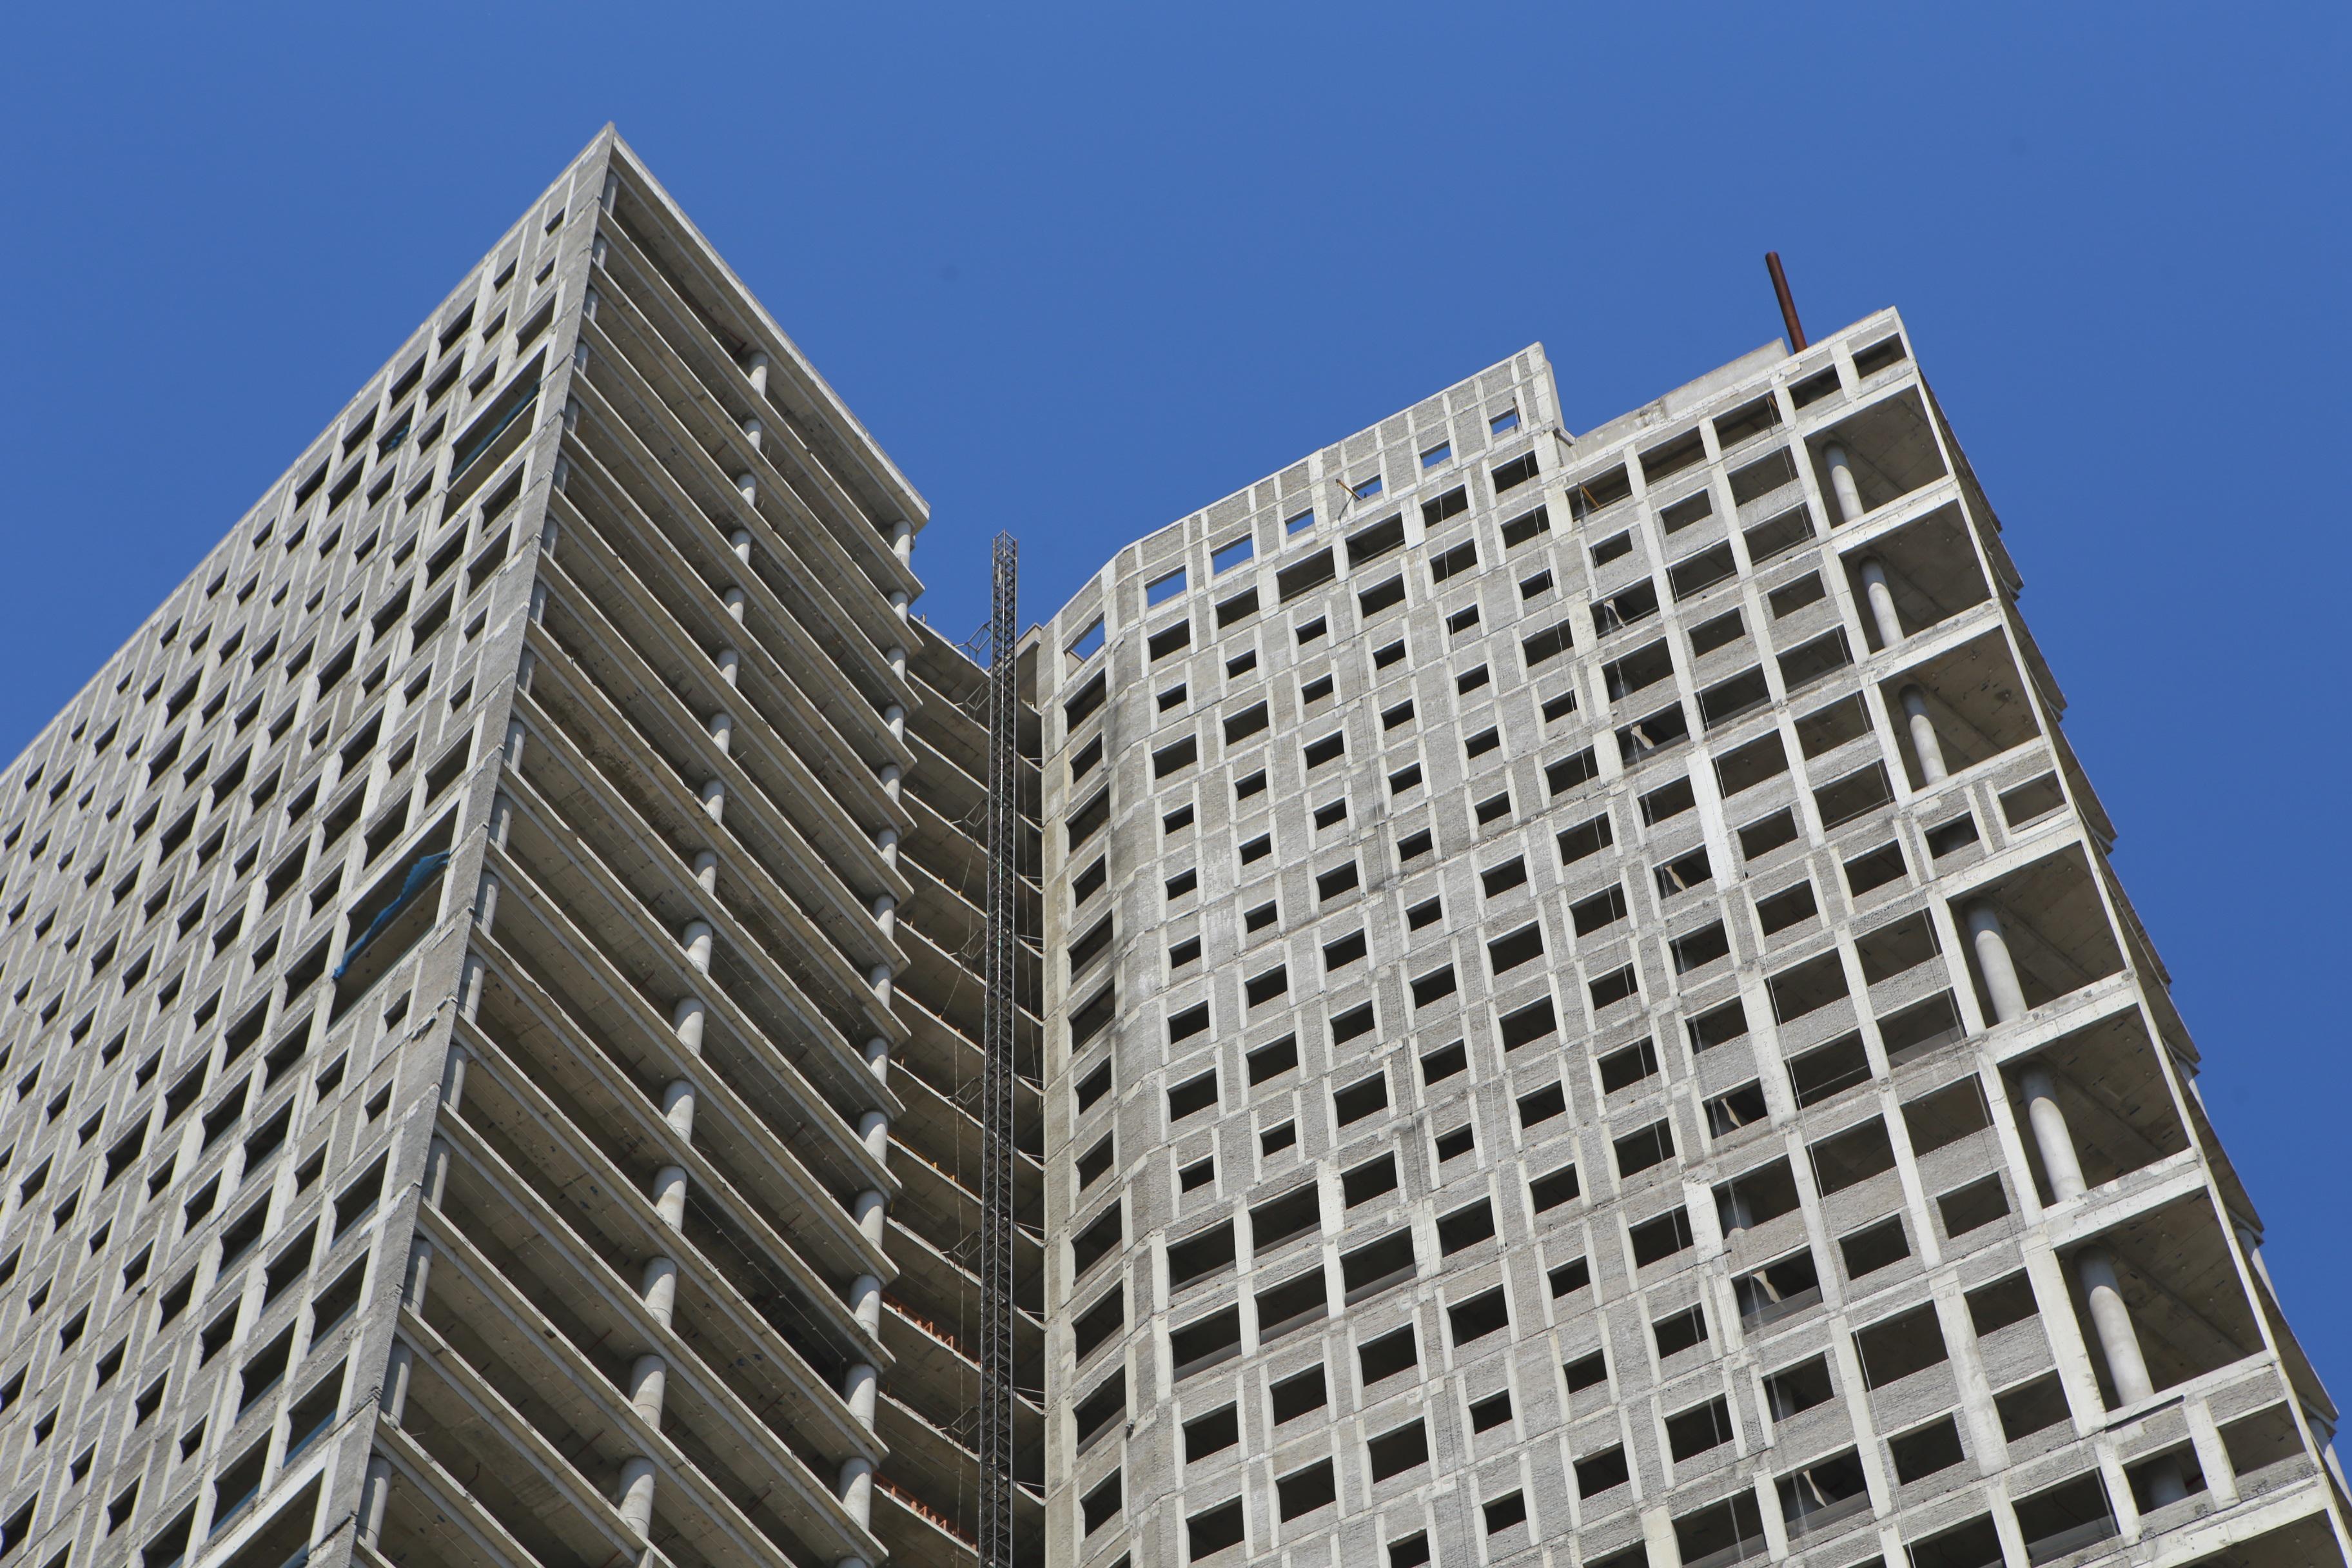 Những tòa cao ốc bỏ hoang sừng sững giữa đất vàng Hà Nội - 8